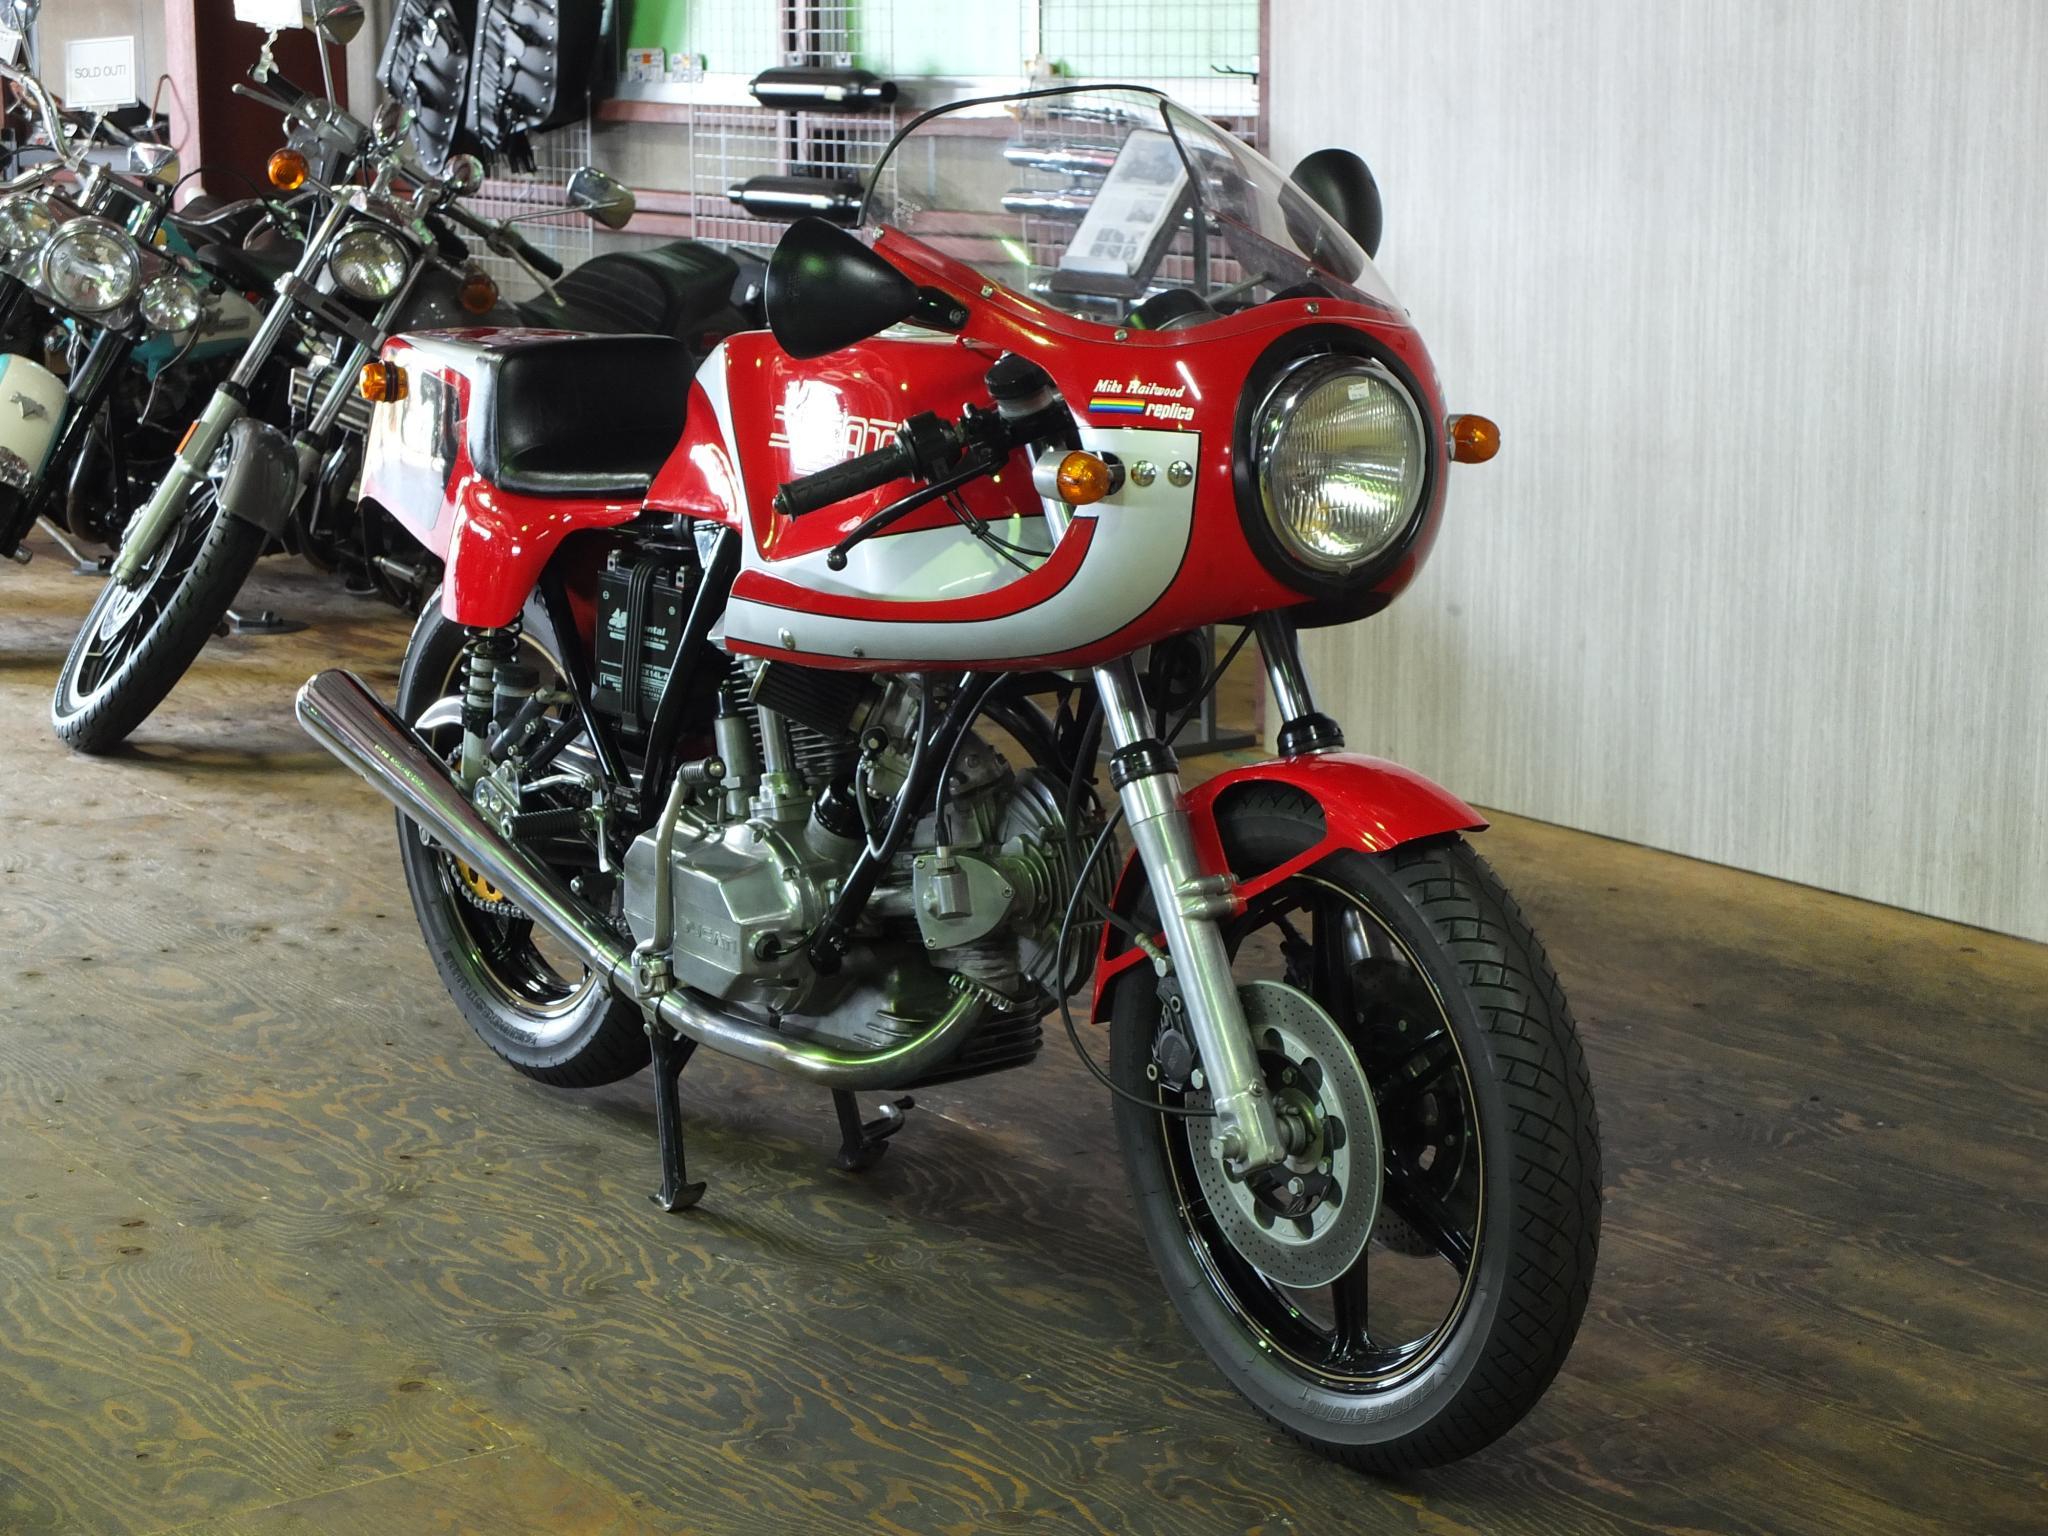 ドゥカティ 1983 Ducati MHR 900 車体写真2